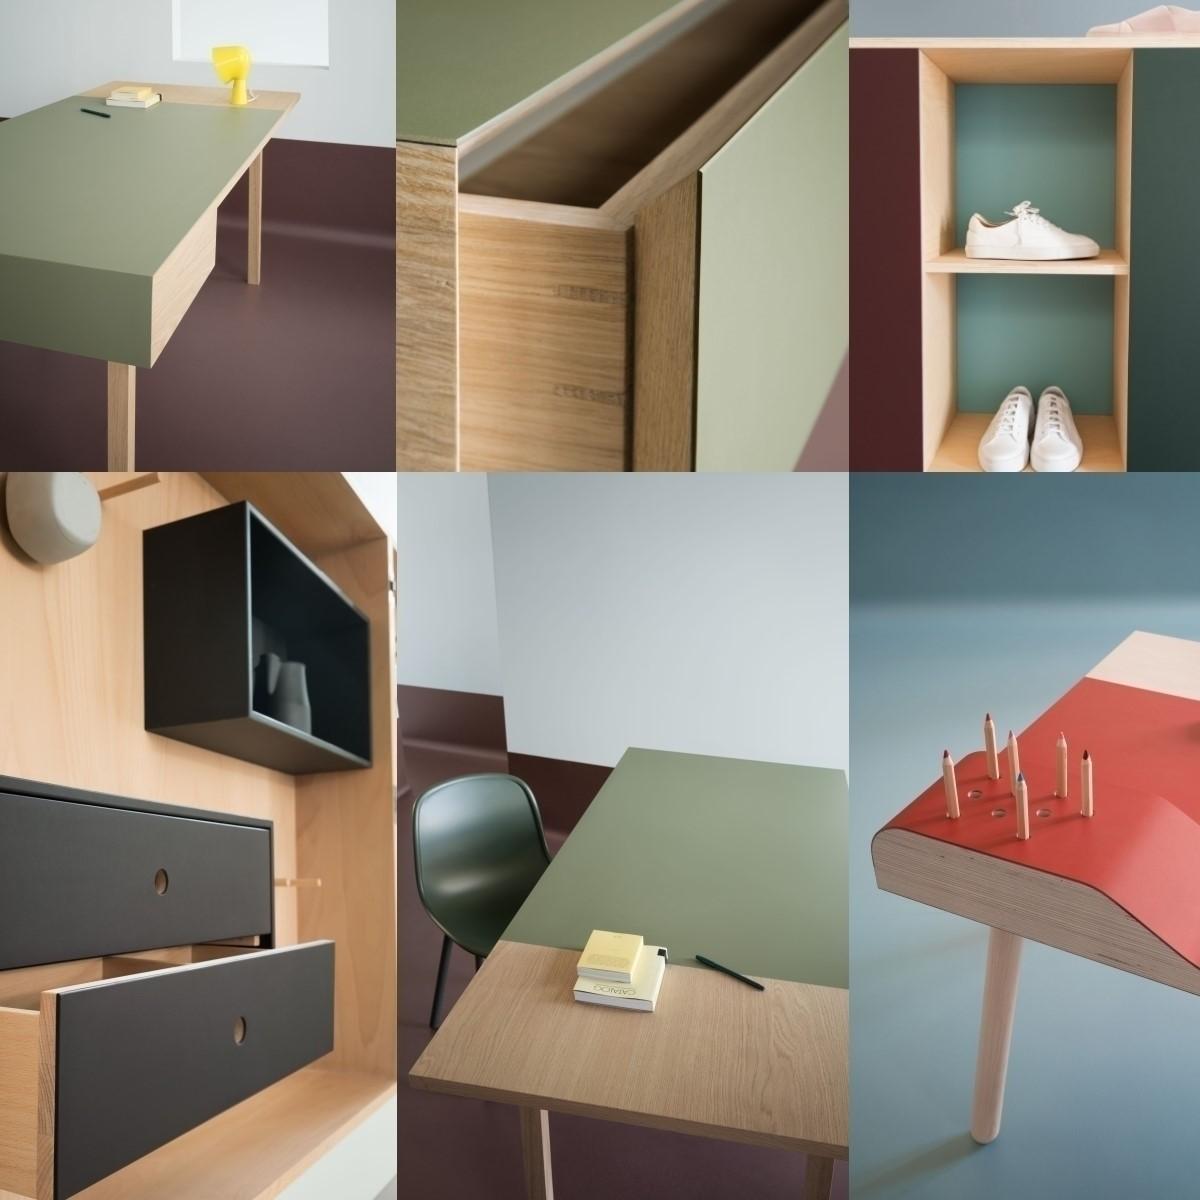 Forbo Furniture Linoleum midnight blue 4181 Möbel und Tischlinoleum Desktop